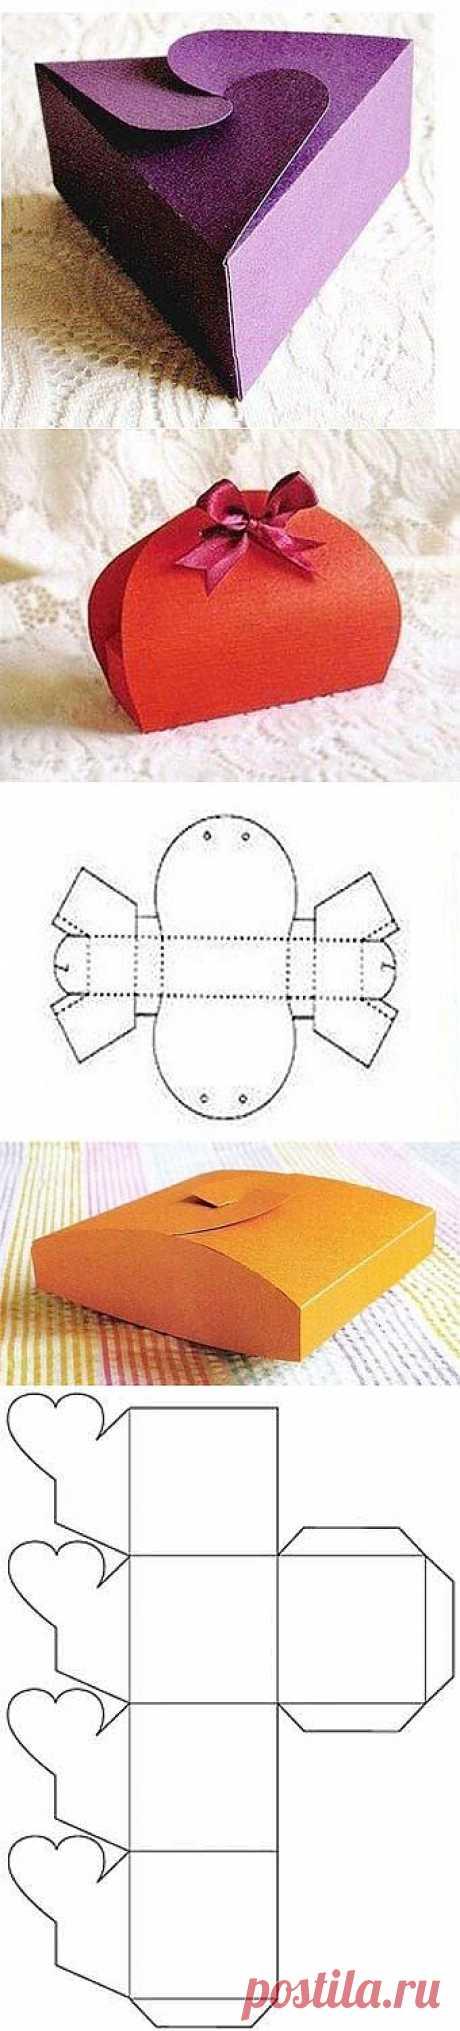 7 подарочных коробок со схемами сборки своими руками - Учимся Делать Все Сами